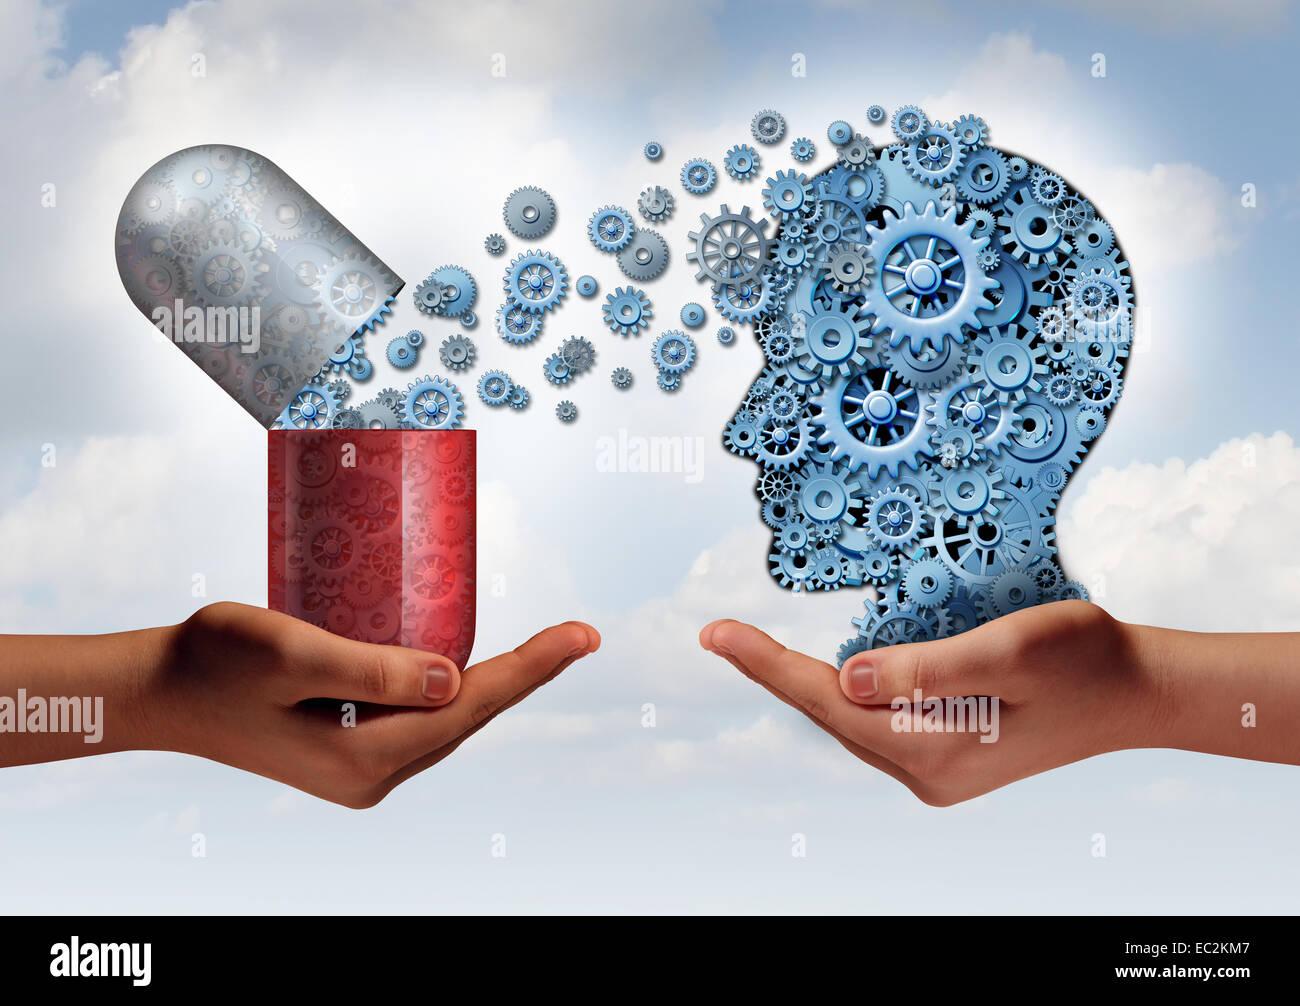 Gehirn Medizin psychische Gesundheitsfürsorge Konzept als Hände halten eine offenen Pille Kapsel loslassen Stockbild